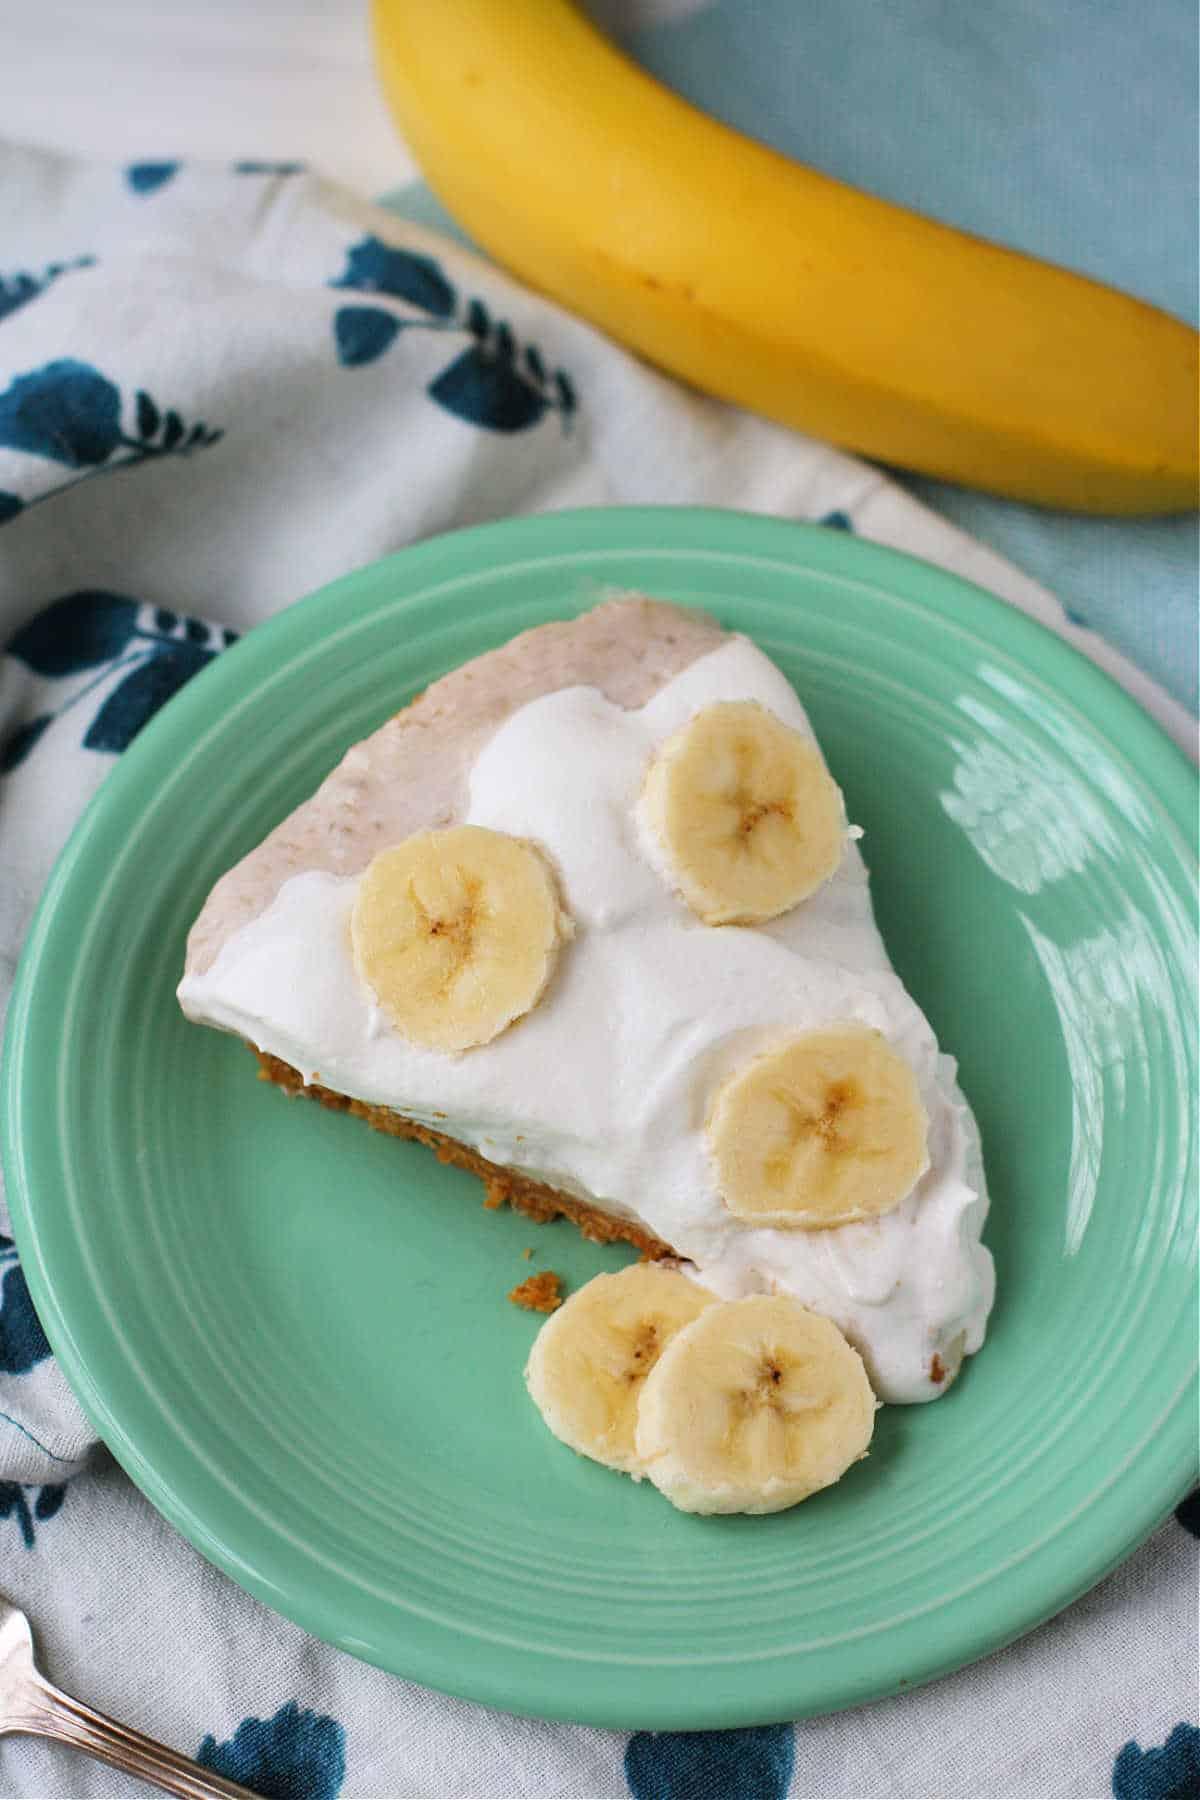 Rebanada de pastel de crema de plátano no lácteos en una placa